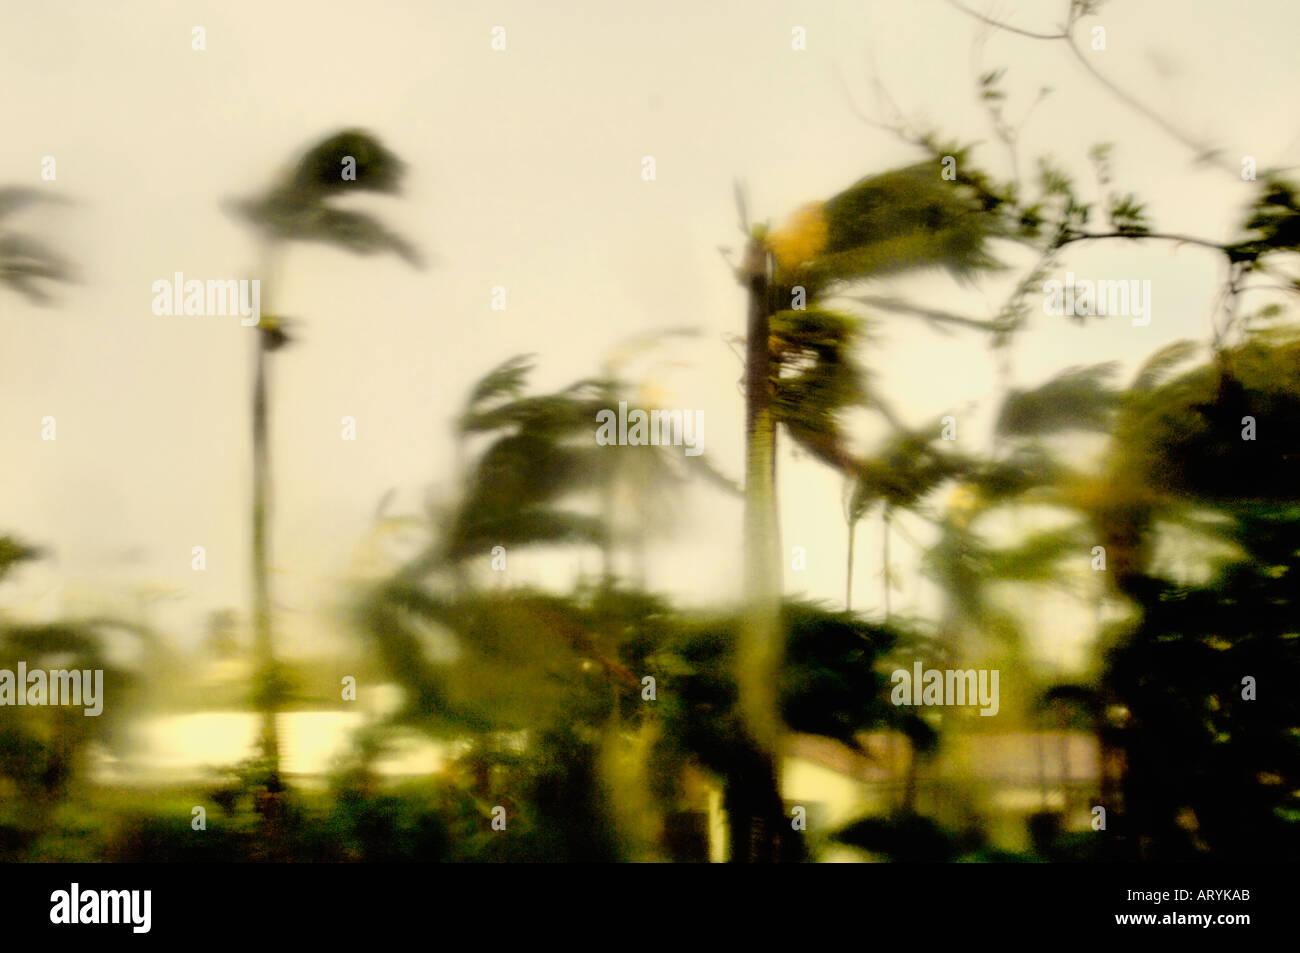 Florida Hurrikan Saison Sturm weht durch die Palmen mit Winden bei hohen Geschwindigkeiten in einem Strand Straße in Palm Beach Miami County Stockbild